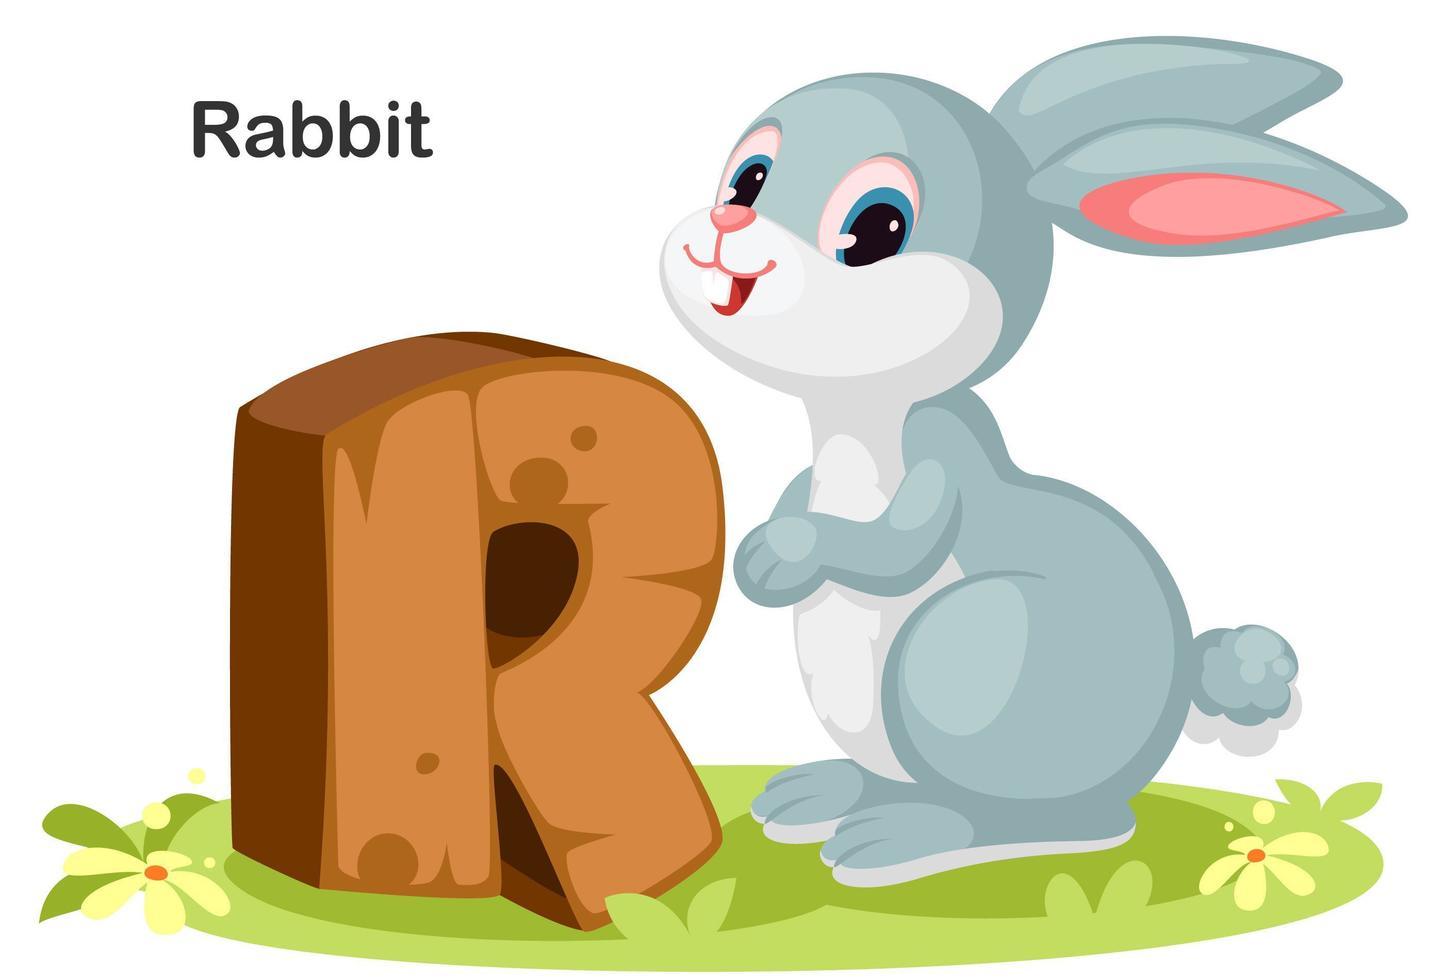 r für Kaninchen vektor